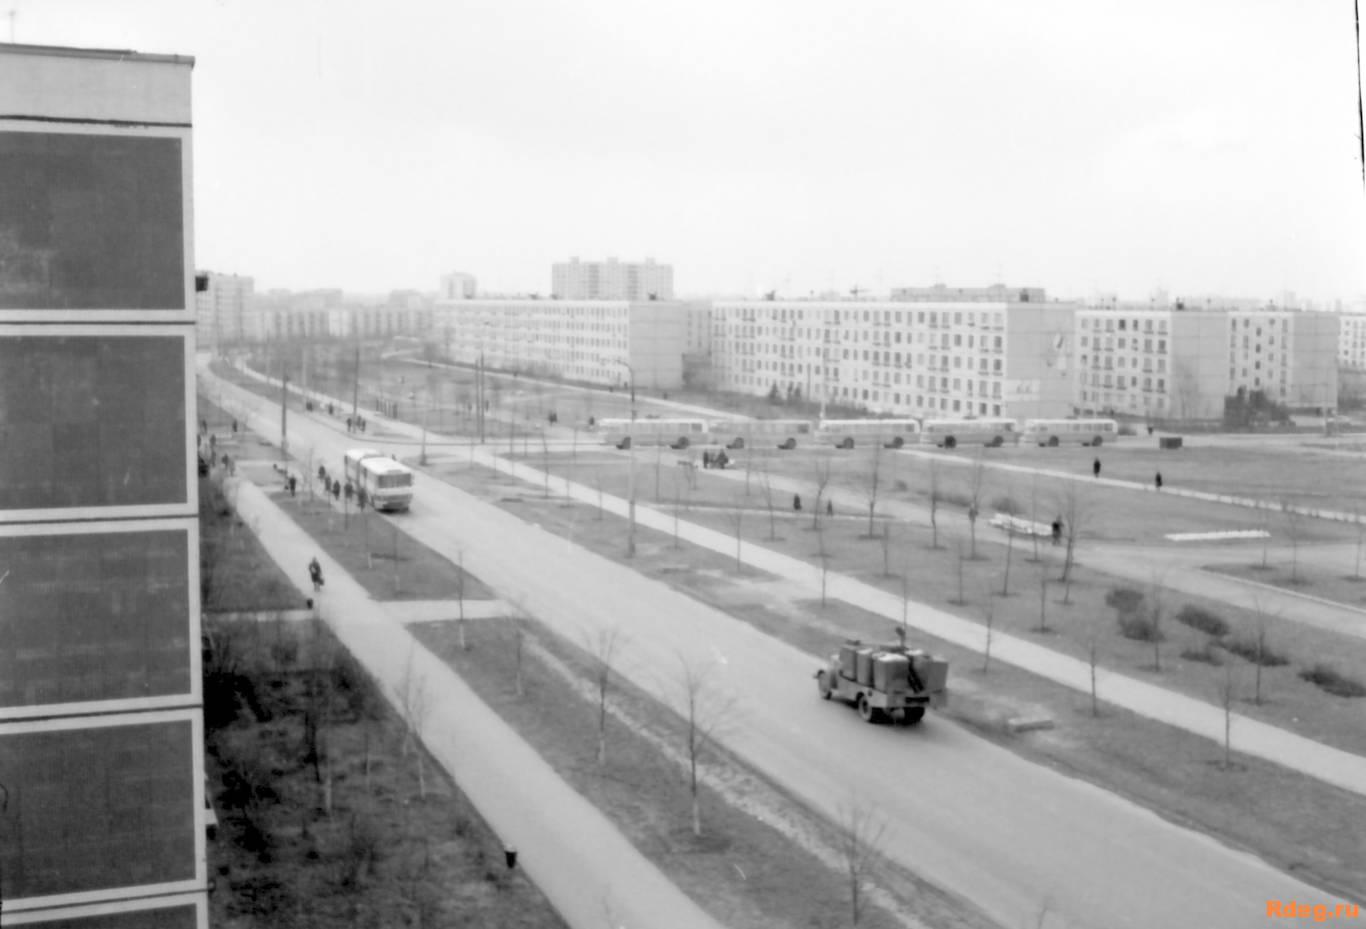 Бескудниковский бульвар 1965-1975г.jpg